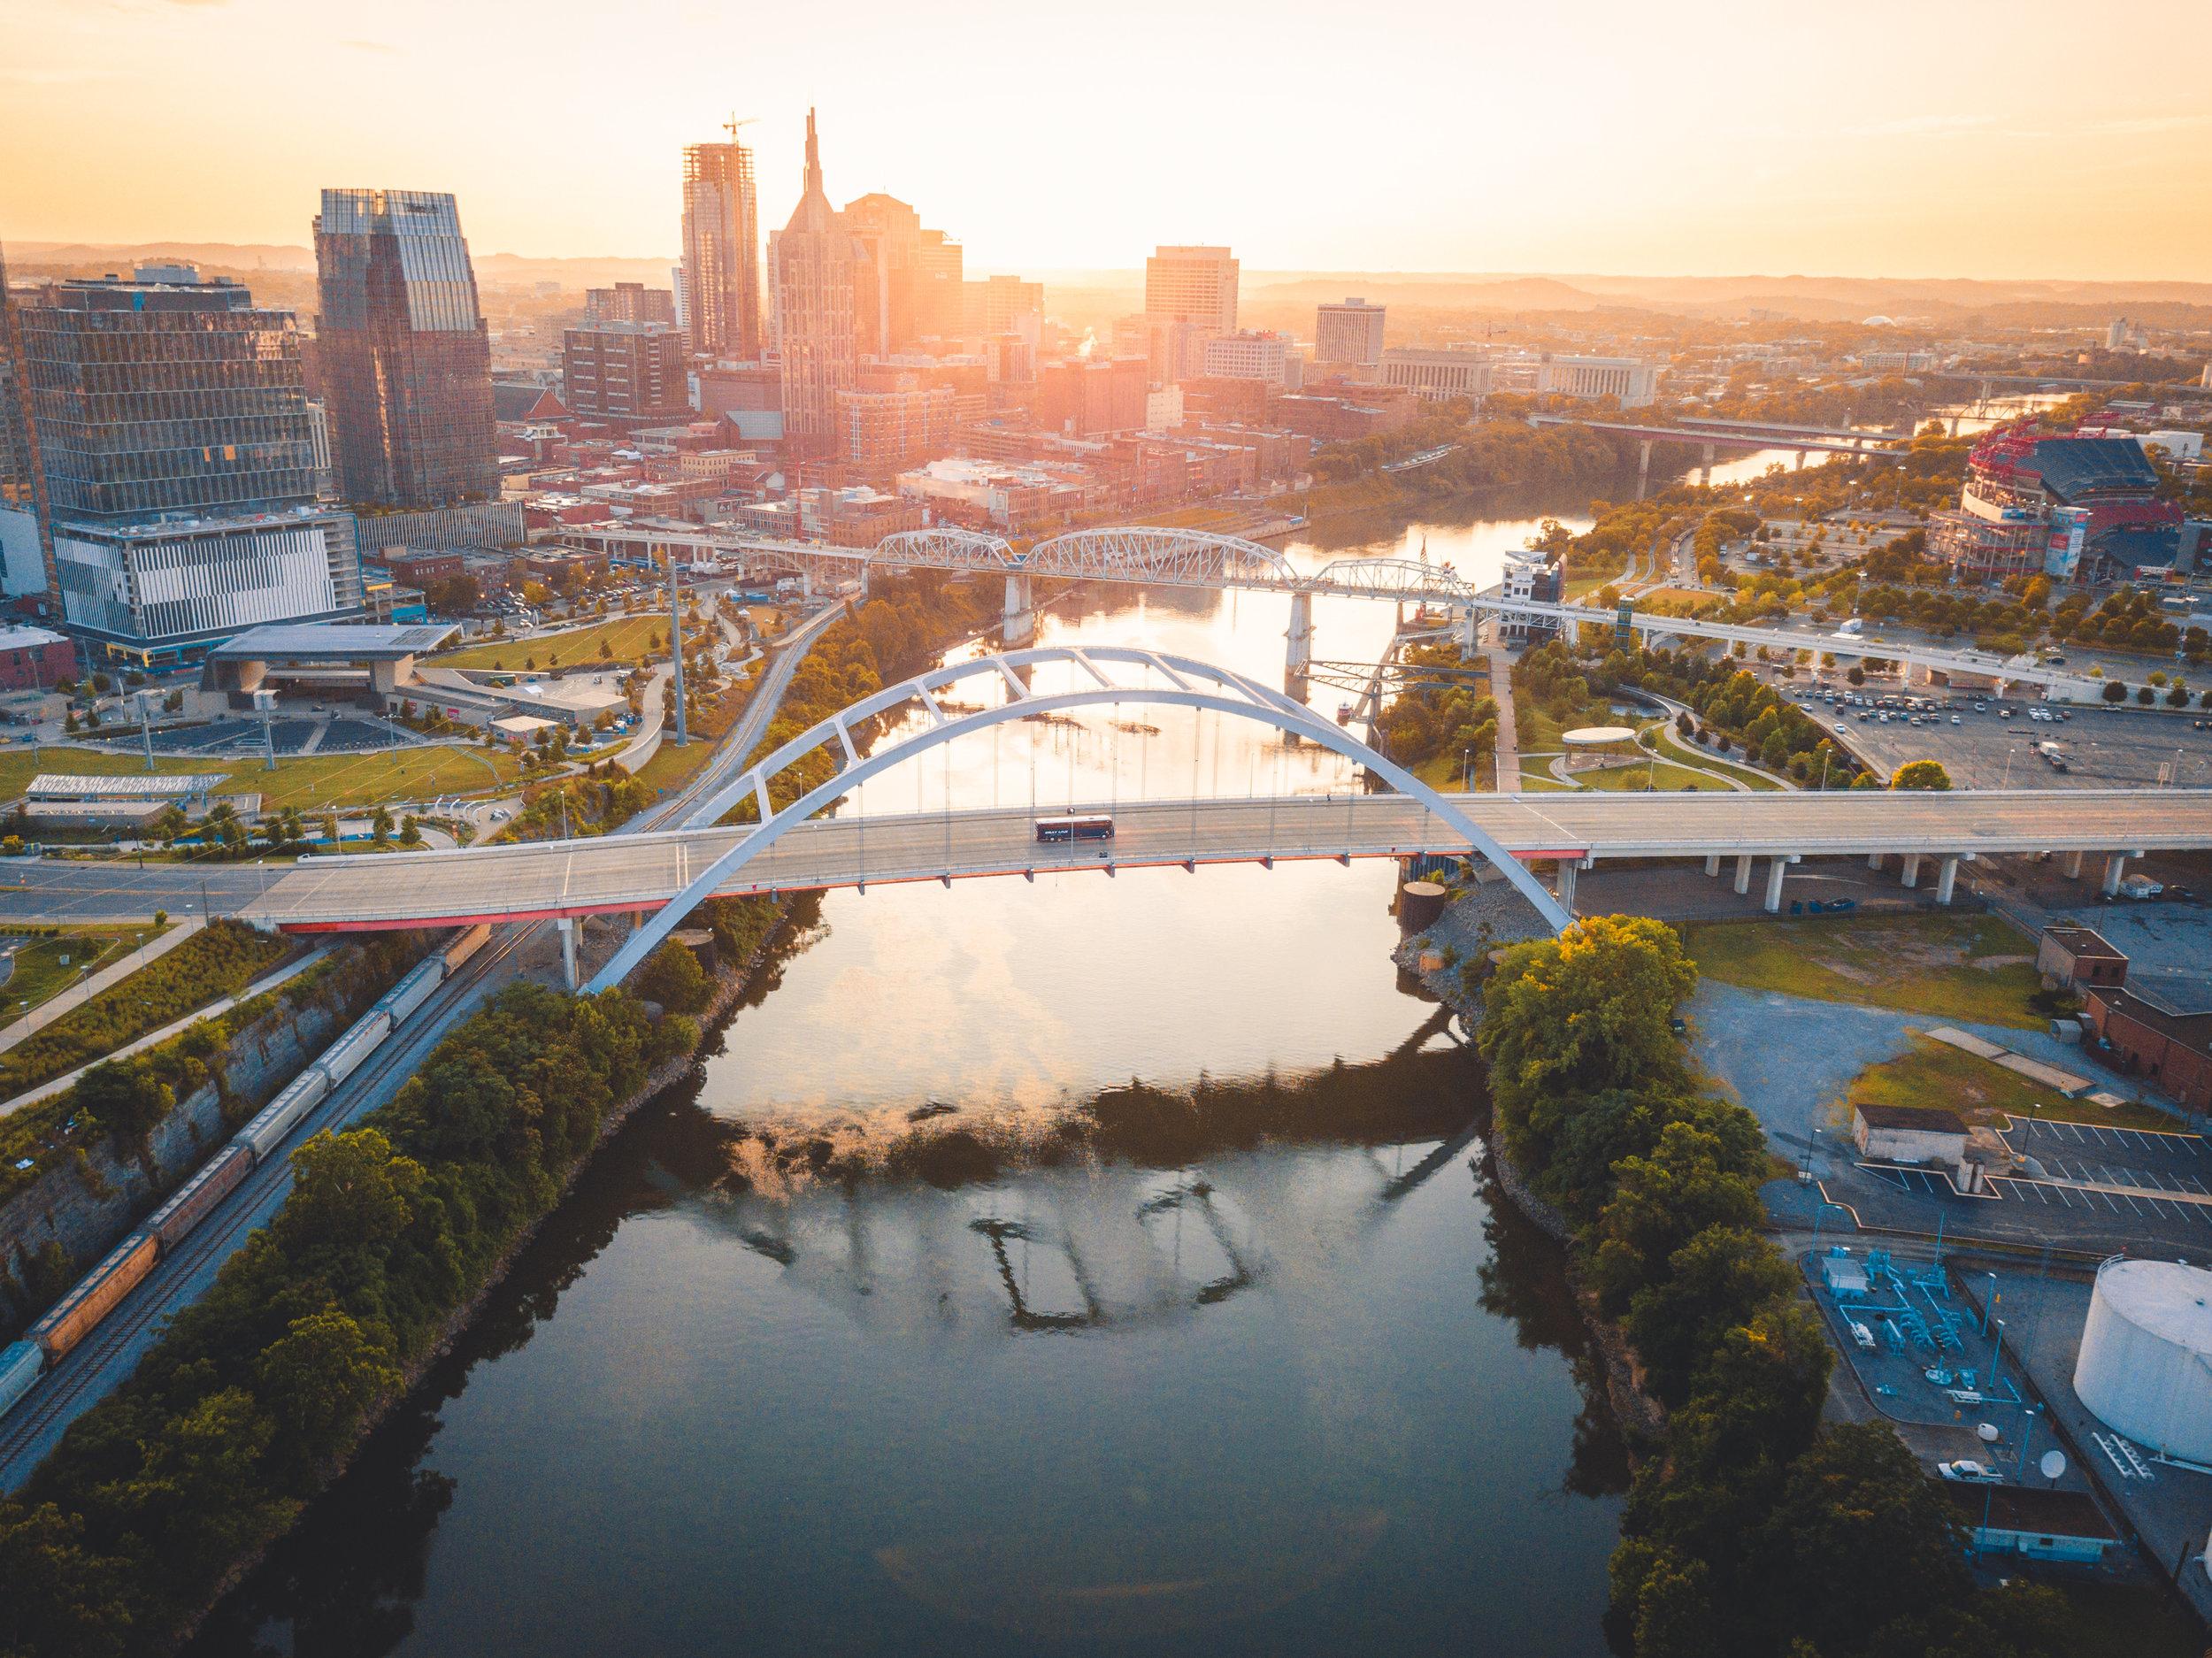 Busin around Nashville, Tennessee